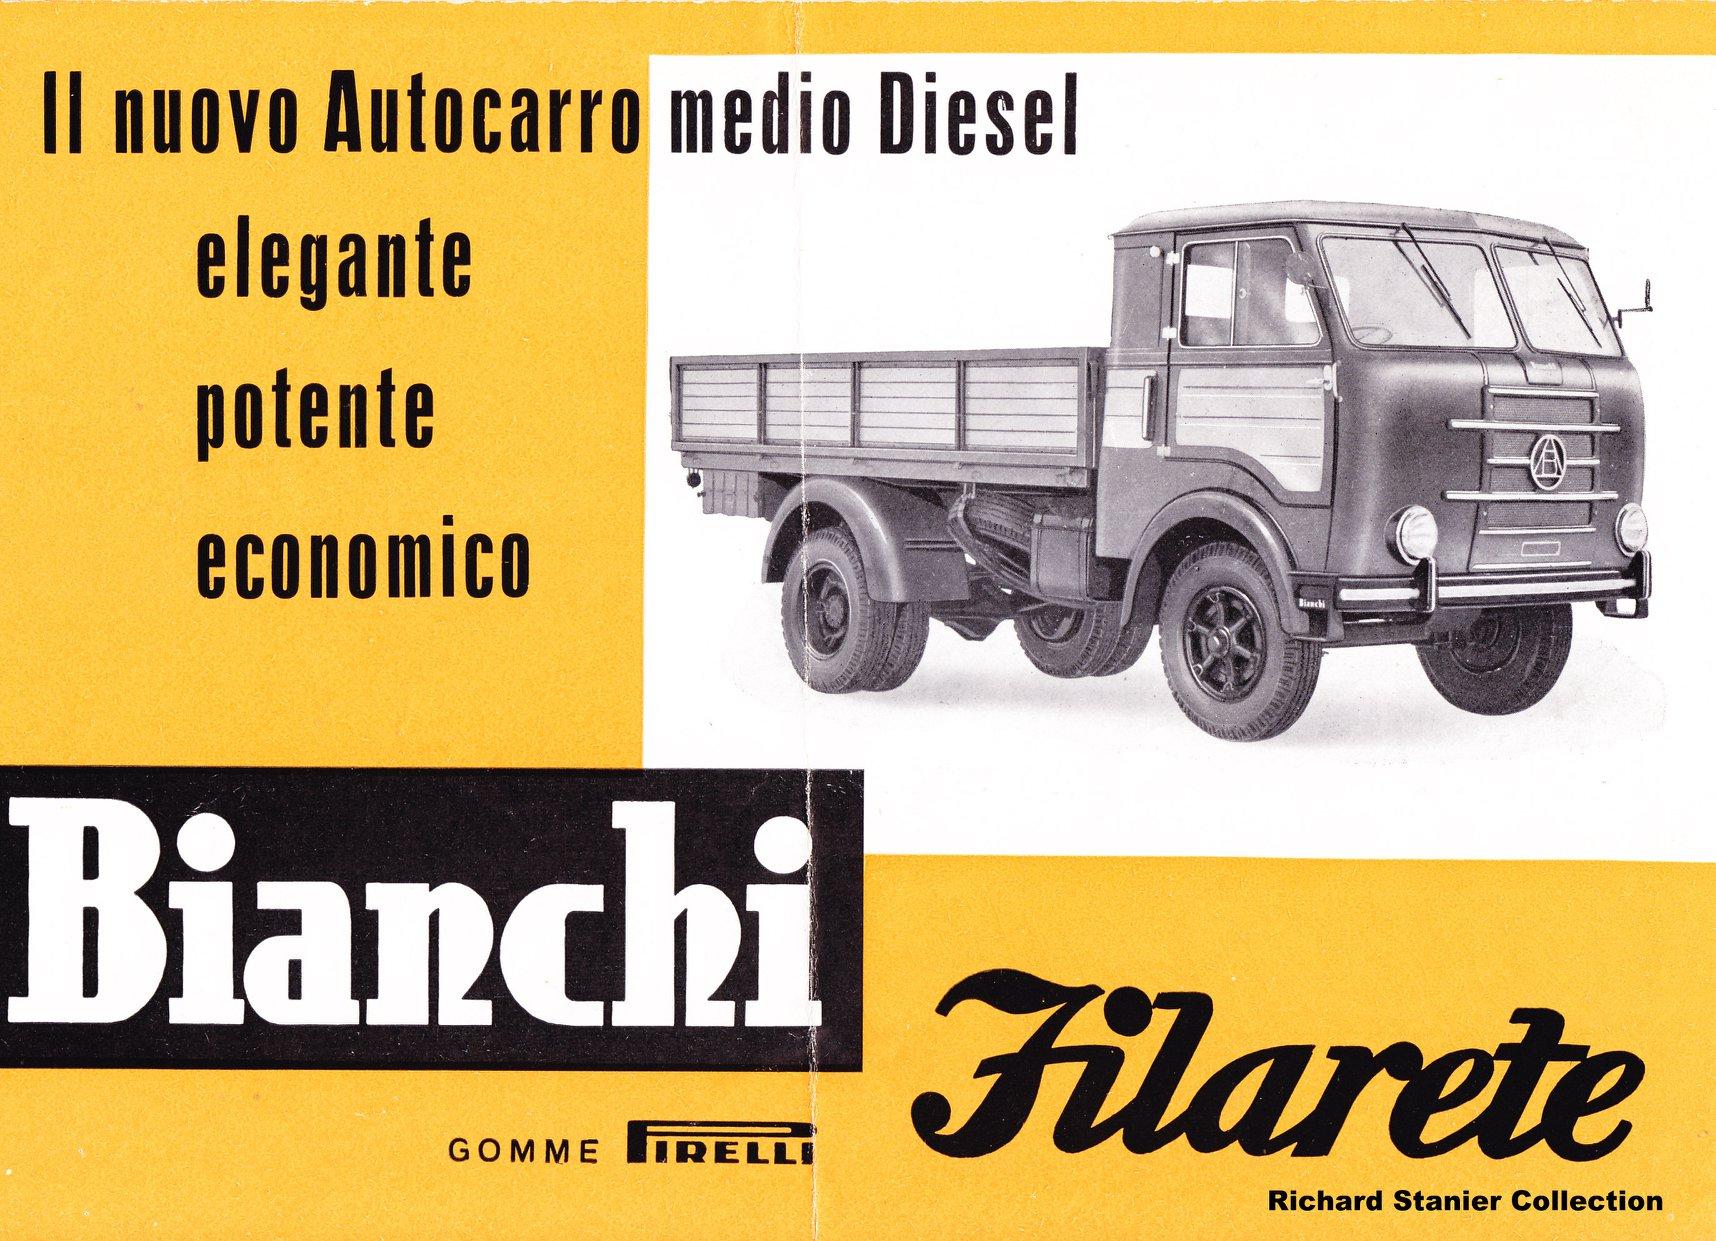 Bianchi-Filarete